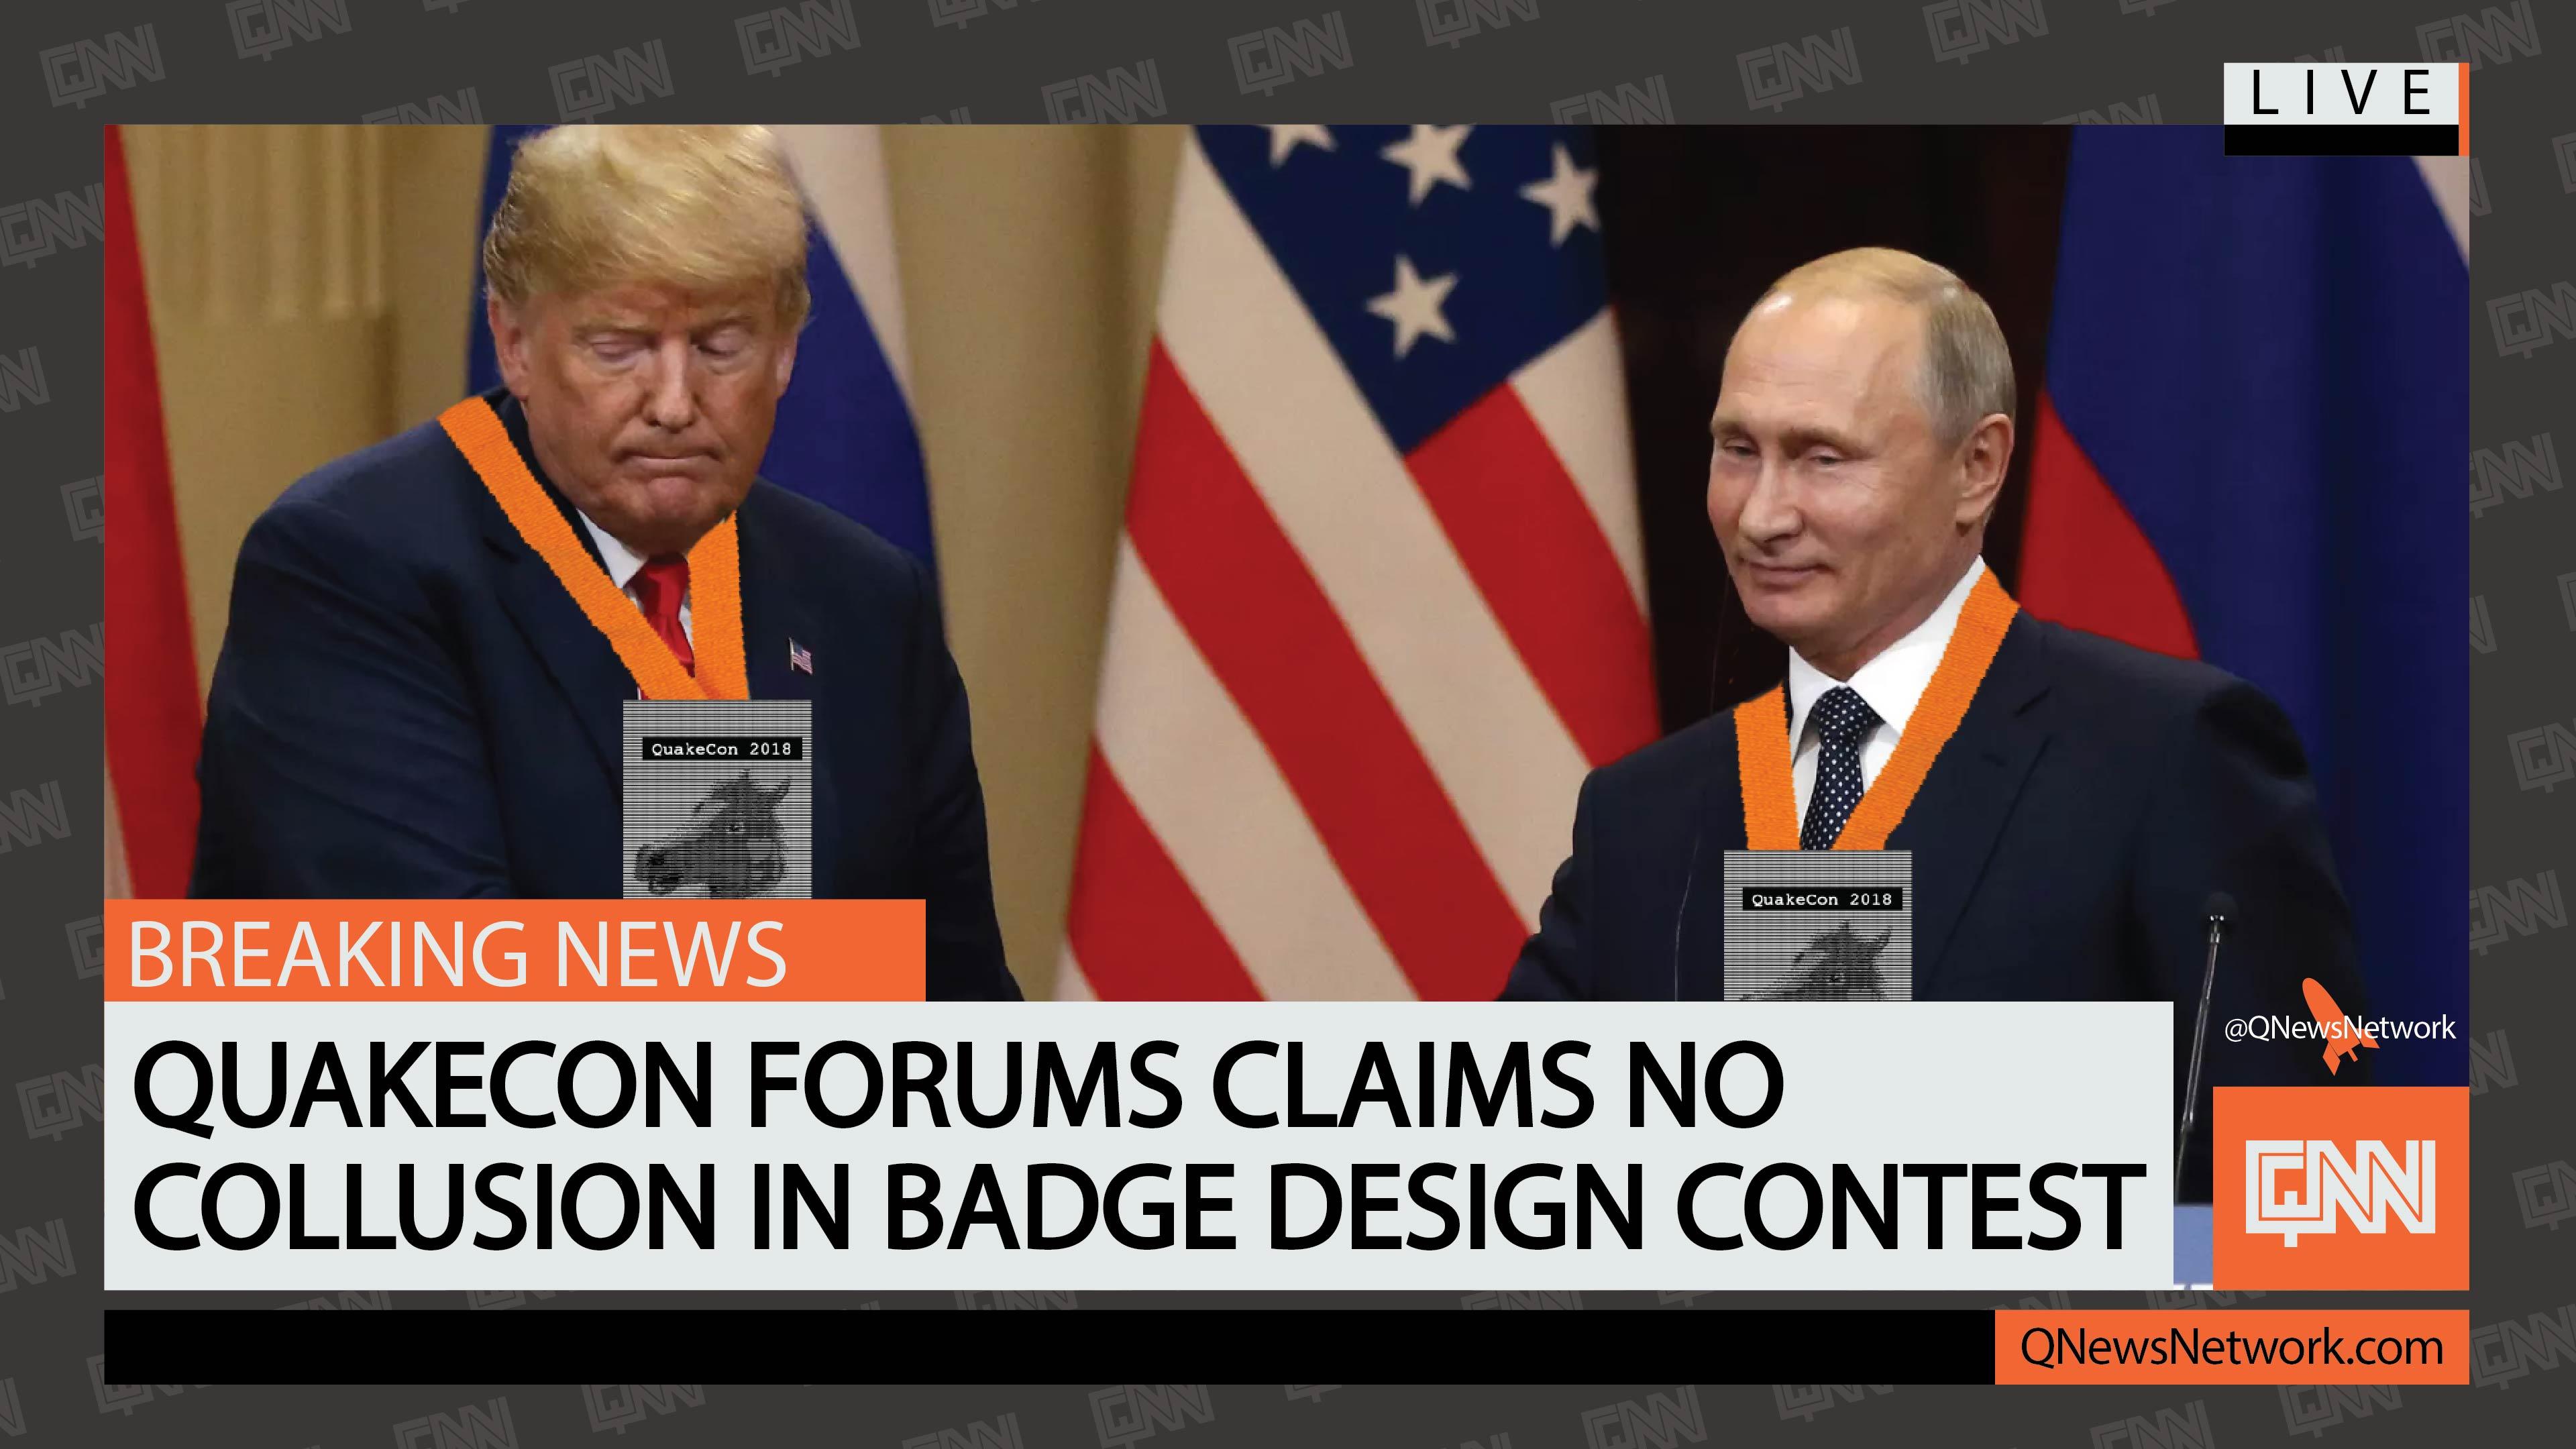 Putin collusion badge contet-01